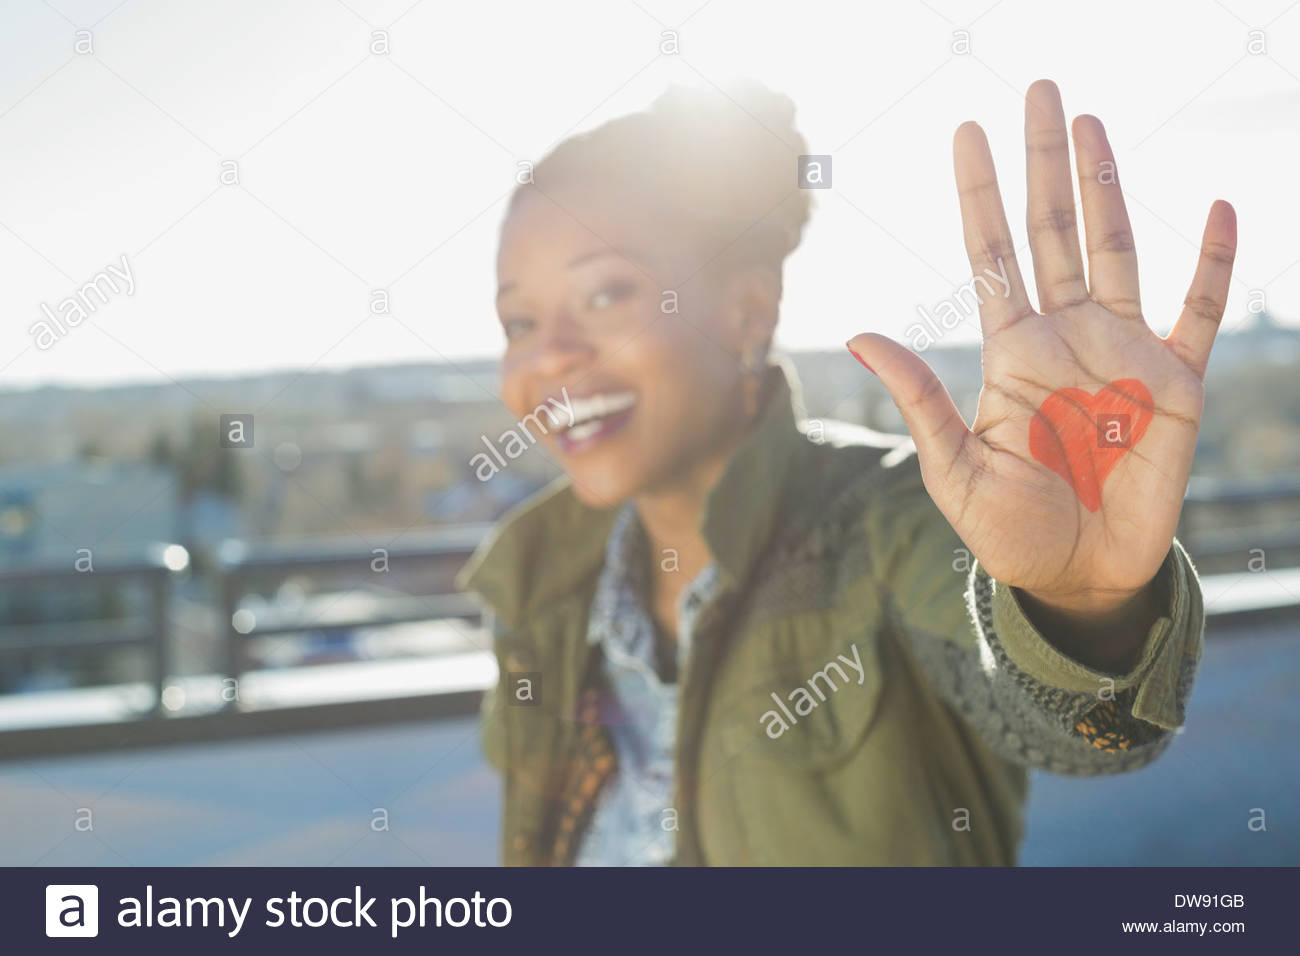 Frau zeigt Herzform auf Palm im freien Stockbild